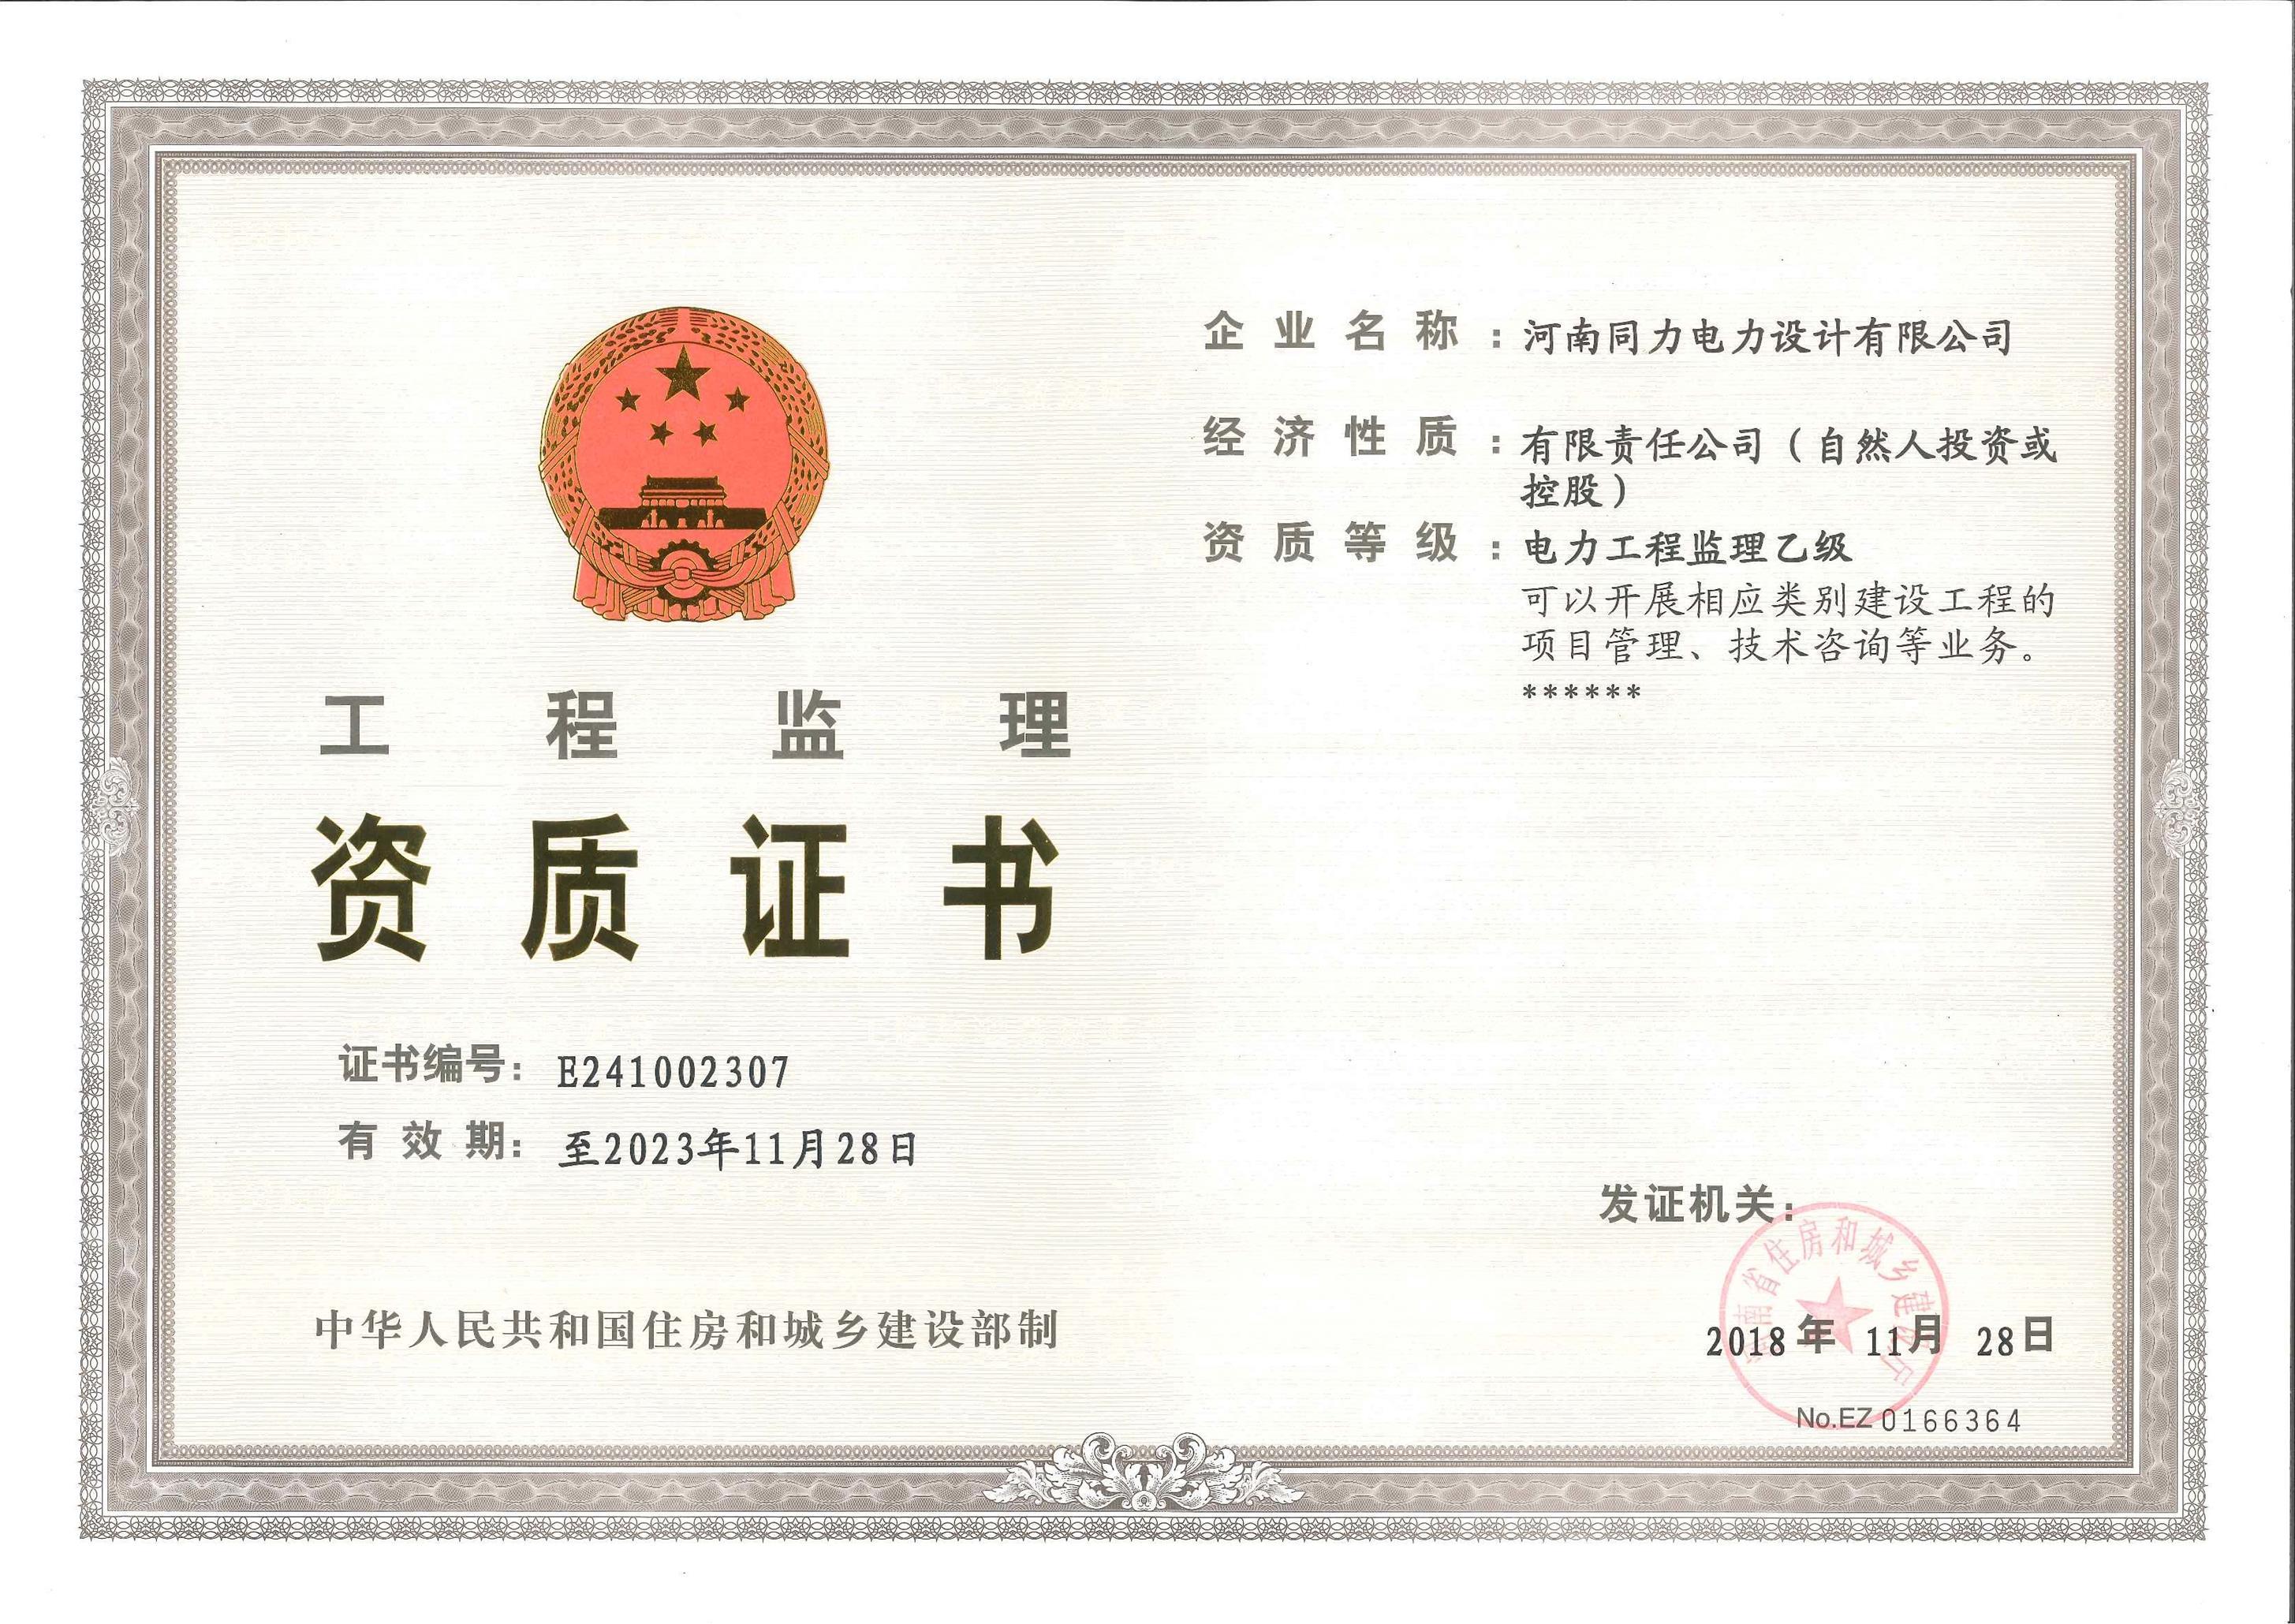 公司取得电力工程监理资质和咨询资信证书